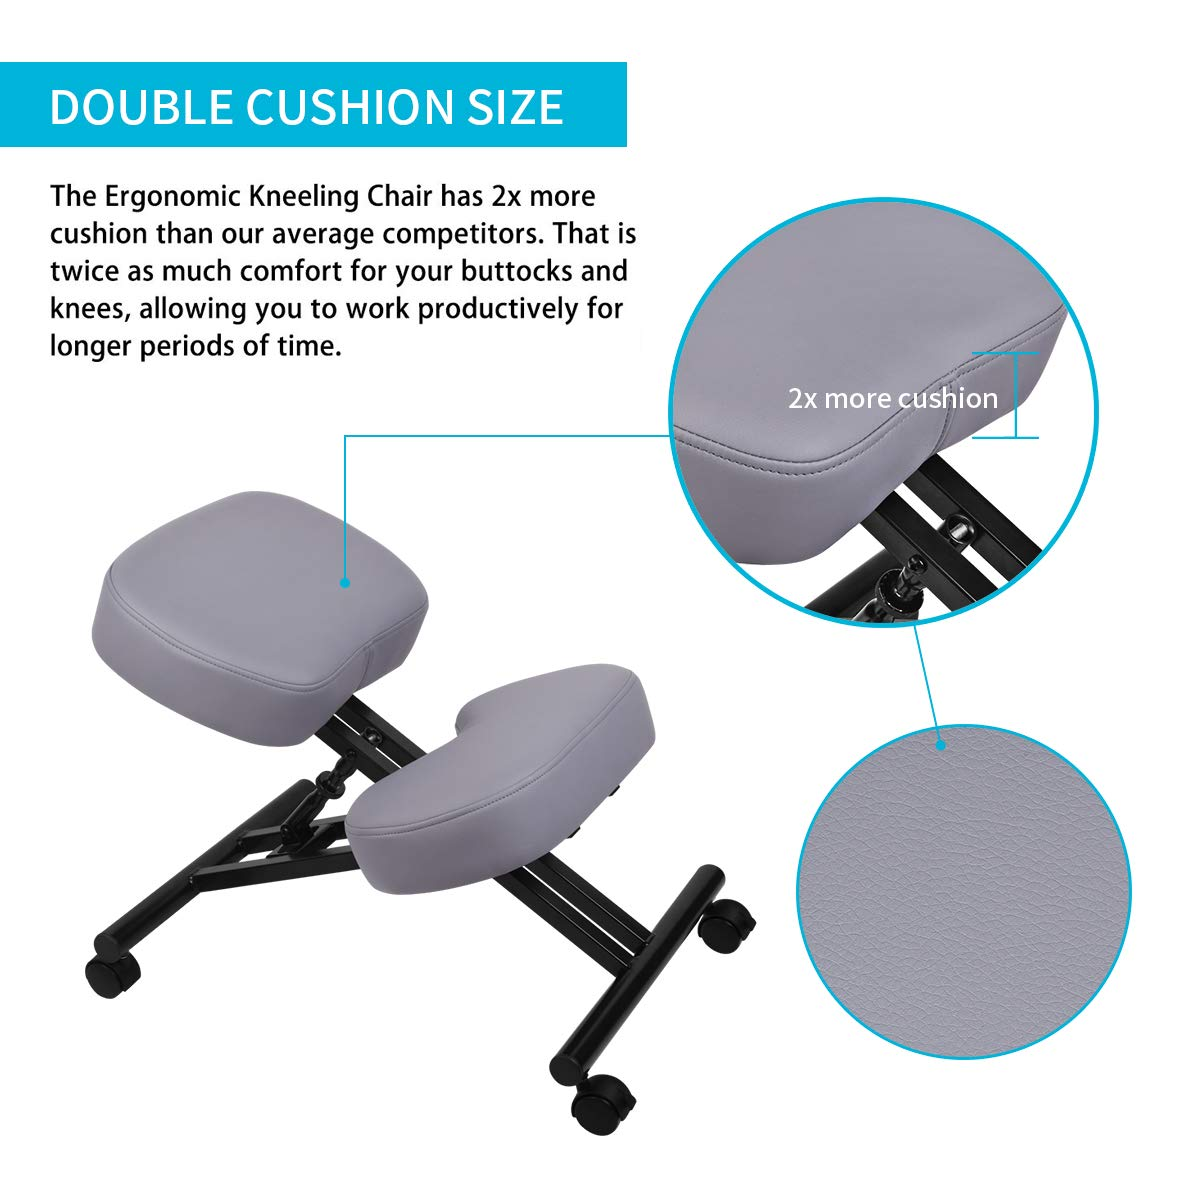 Dicke Bequeme Kissen Verbessern Sie Ihre Haltung mit einem abgewinkelten Sitz Verstellbarer Hocker f/ür Zuhause und B/üro Ergonomischer Kniestuhl